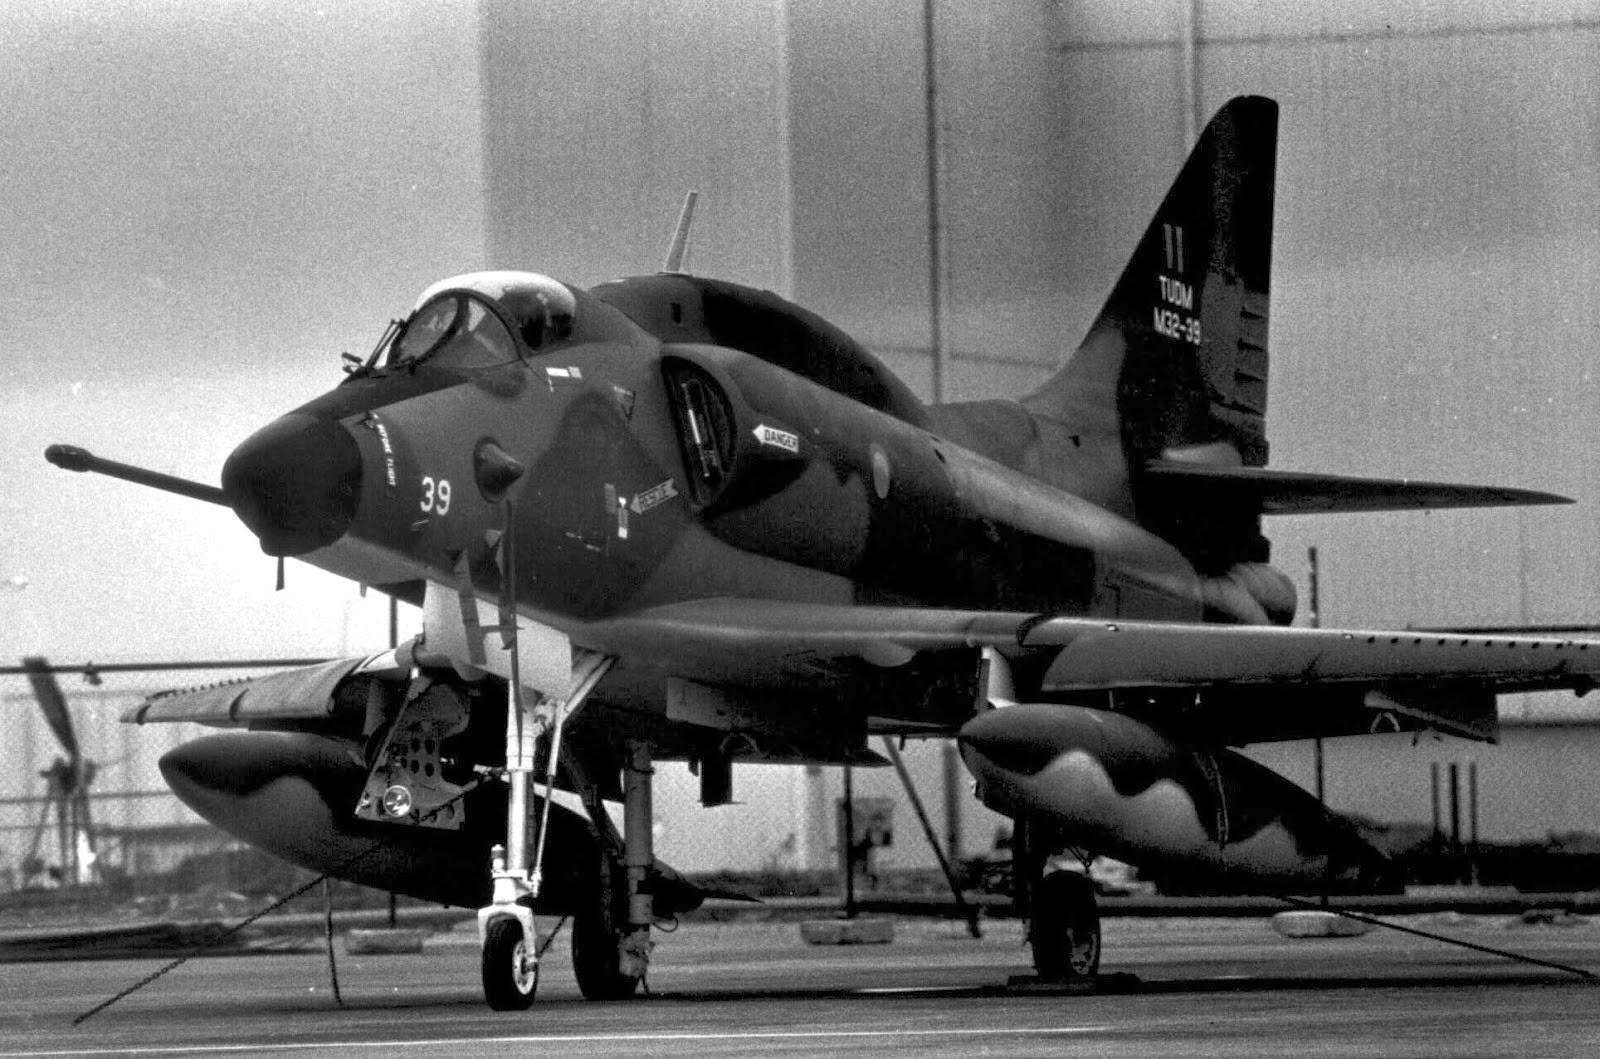 Kisah Leftenan Wahi Yang Hilang DiLautan Luas Bersama Skyhawk Tentera Udara.